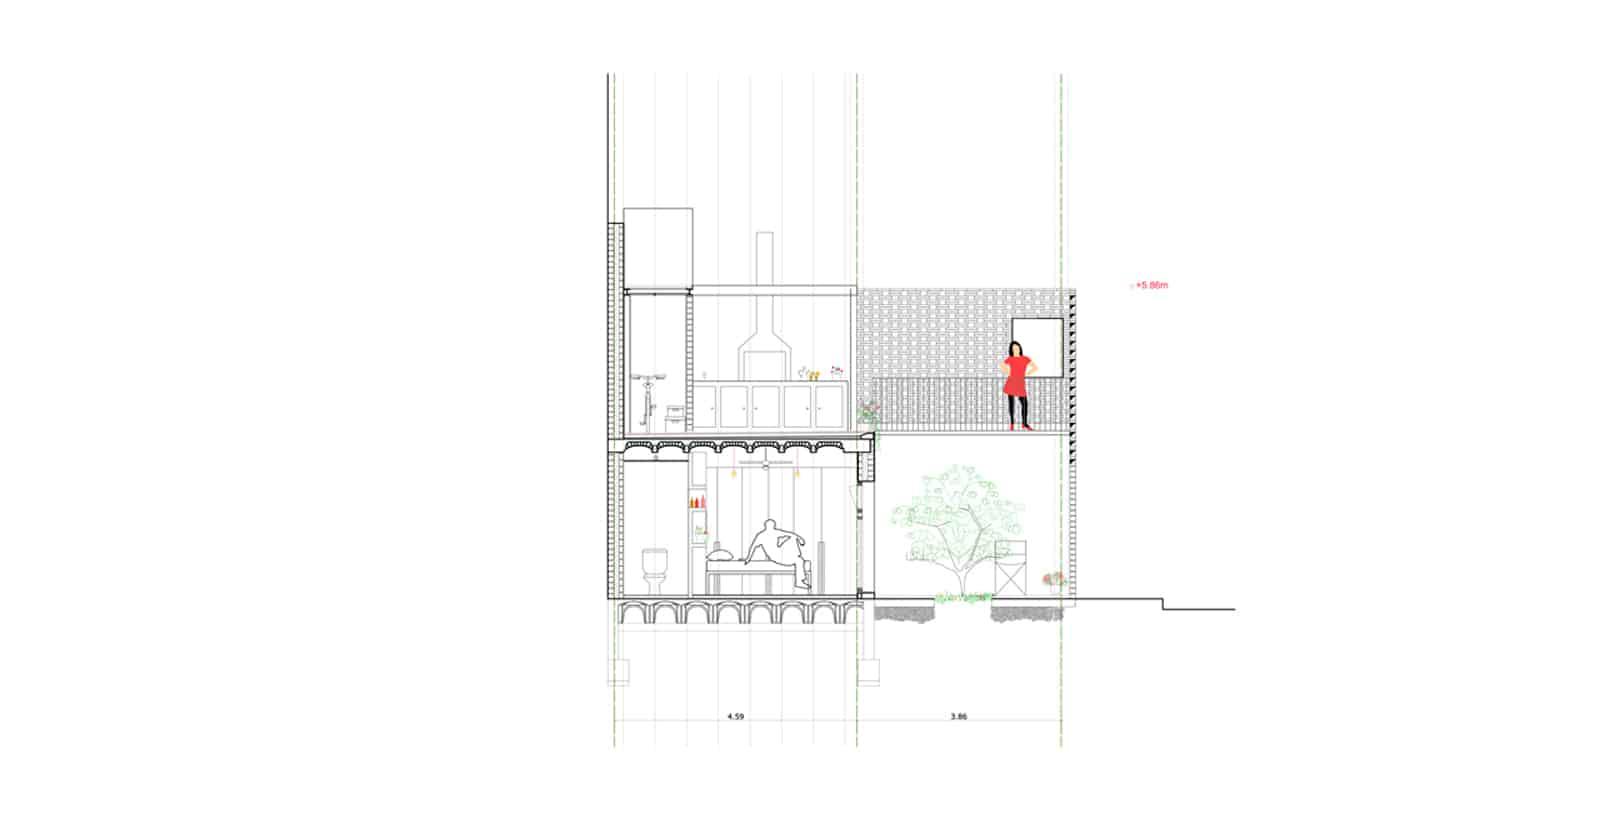 Casa del Cantó  - 20210820 PianoPiano CasadFoio 11.2.3 68